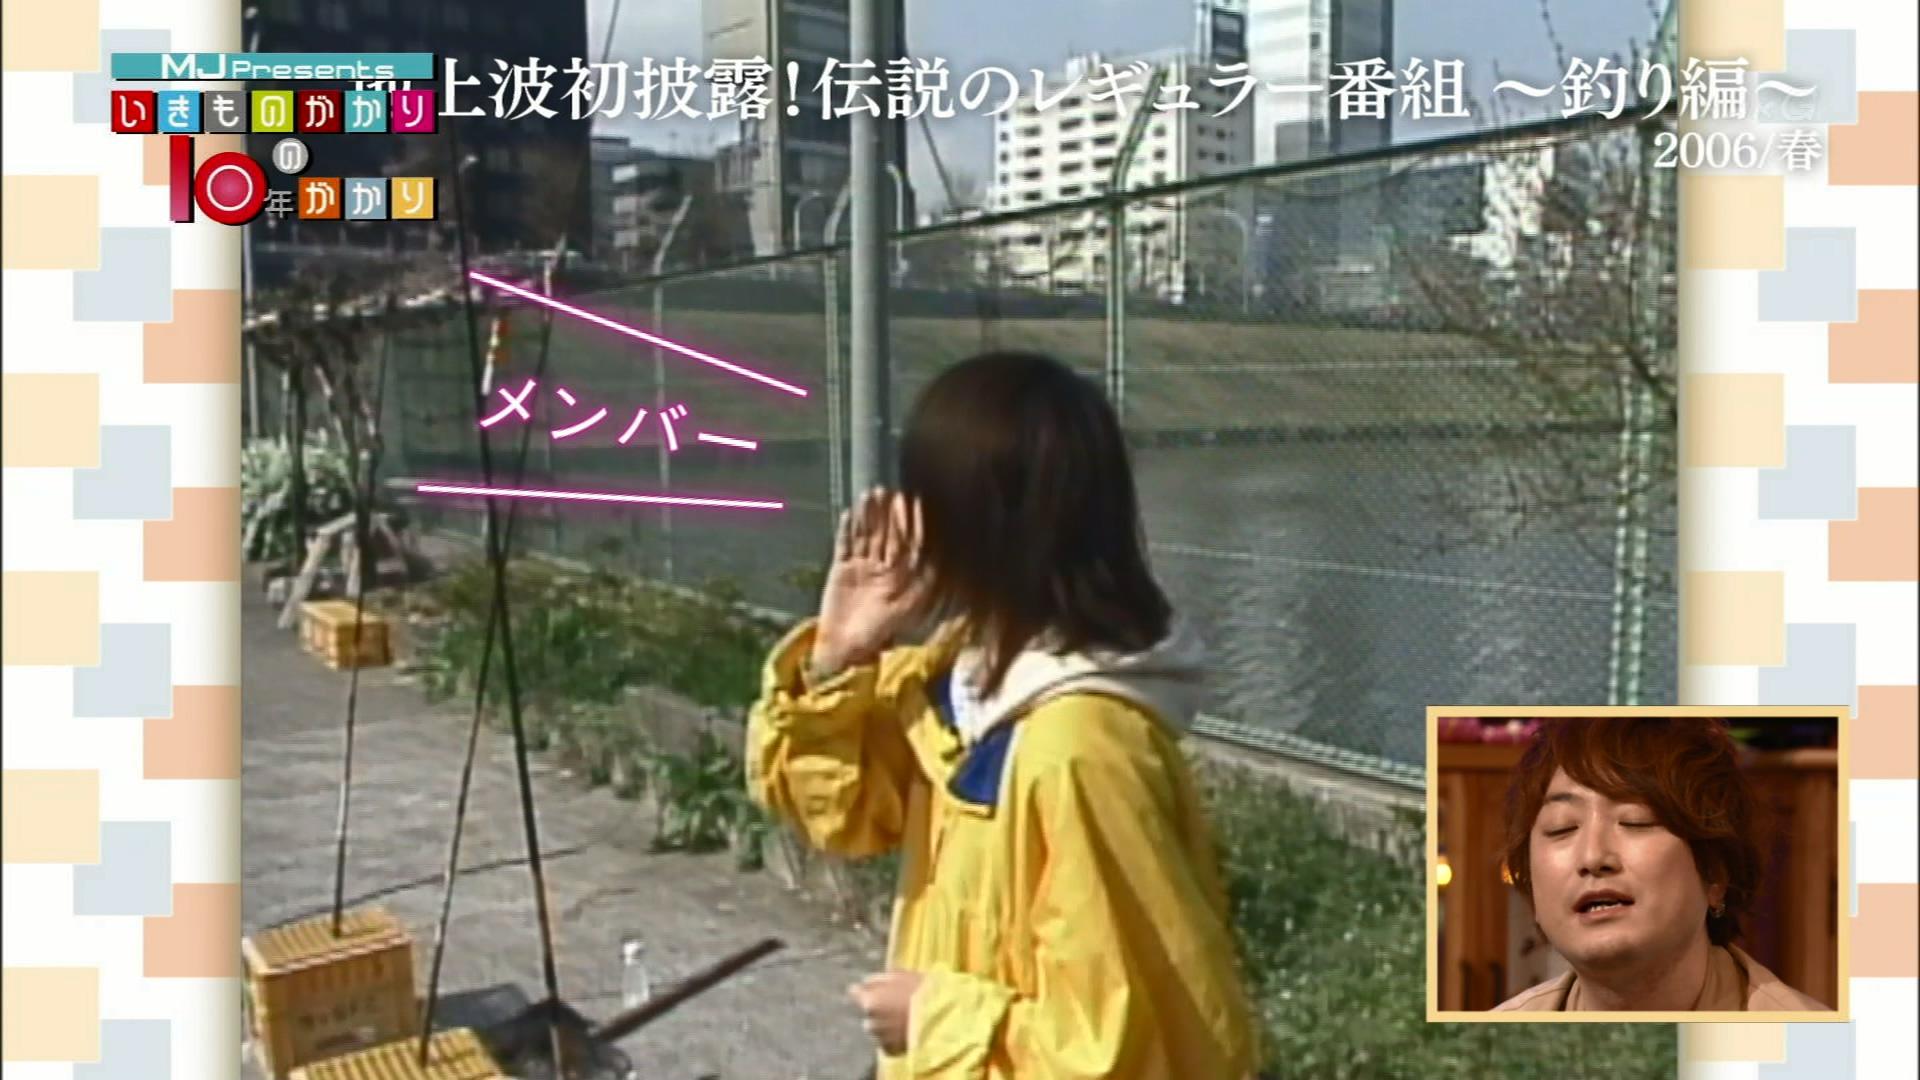 2016.03.20 いきものがかり - いきものがかりの10年がかり(MJ Presents).ts_20160321_024444.424